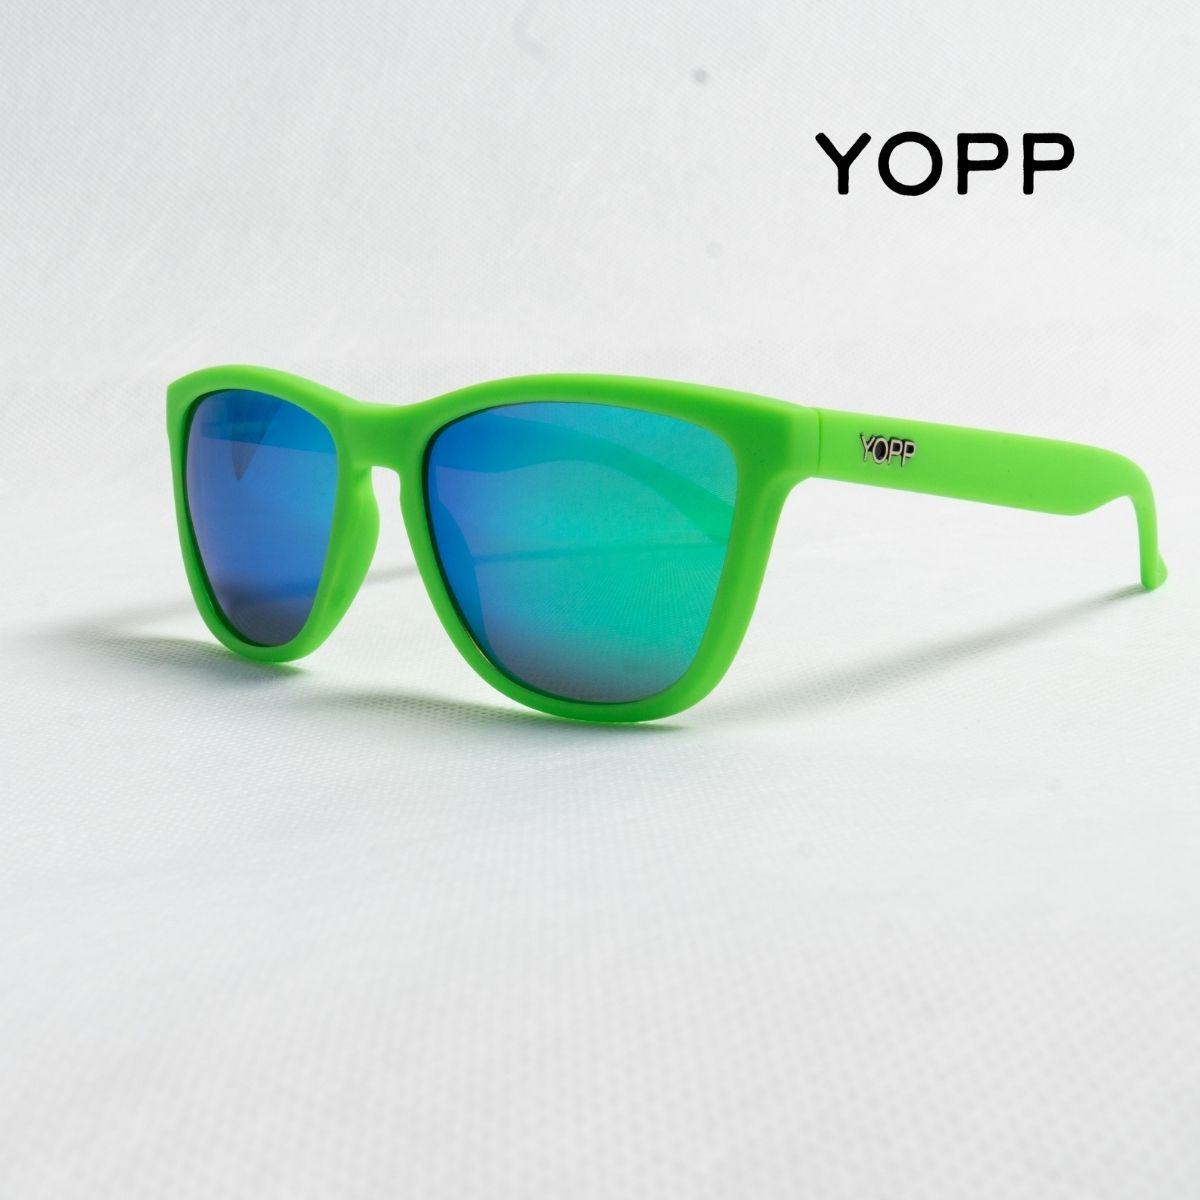 Óculos YOPP SOMENTE PARA VEGANOS  - Vivian Bógus